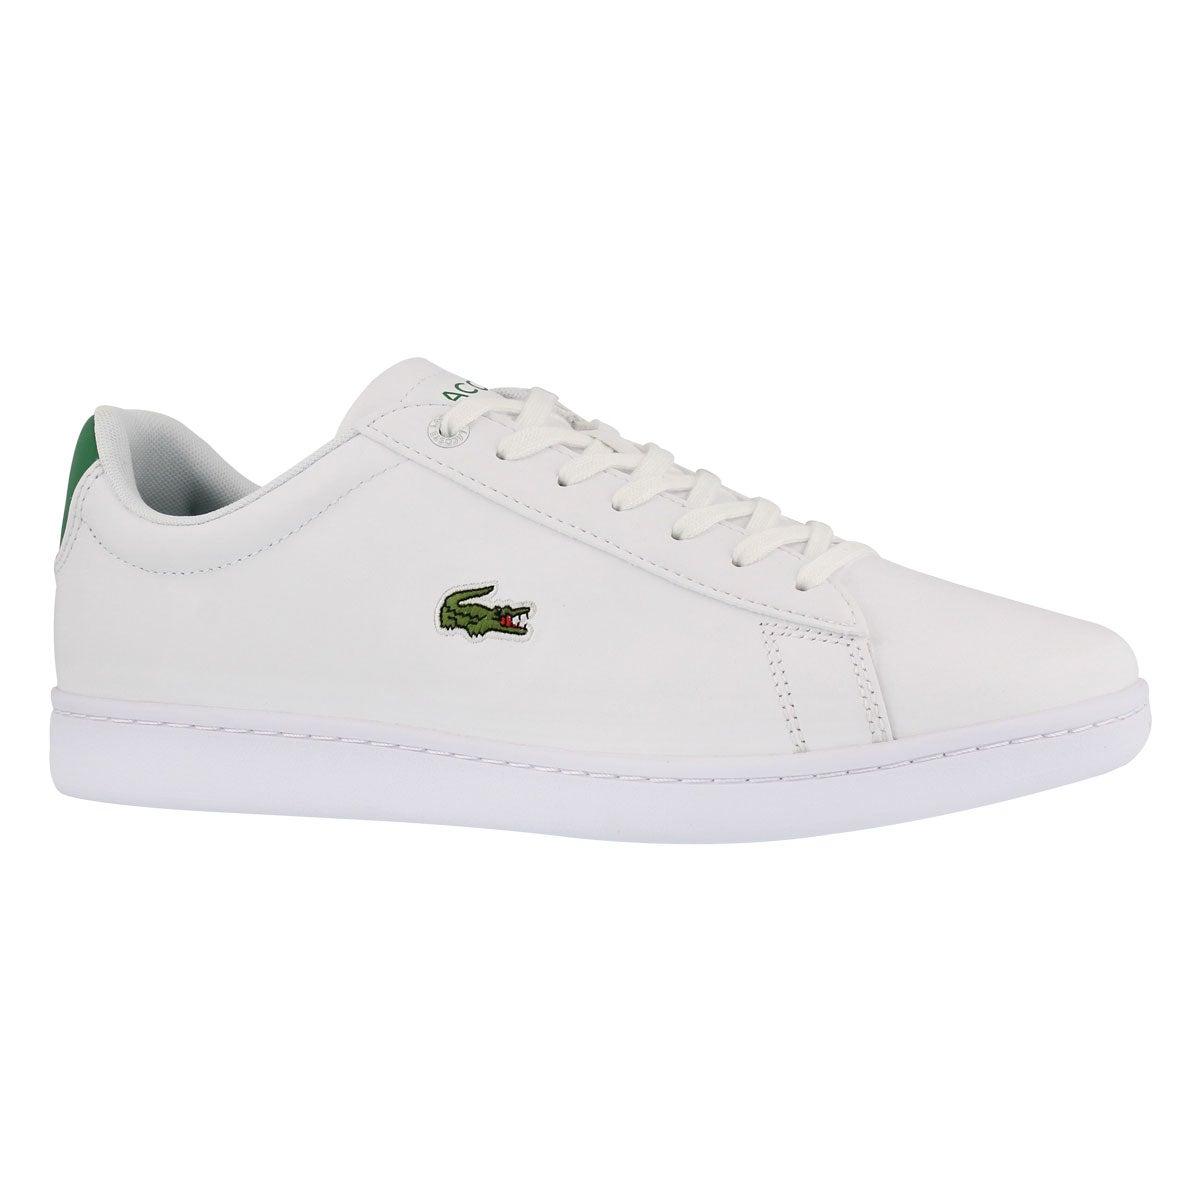 Men's HYDEZ 118 1 P white/green sneaker